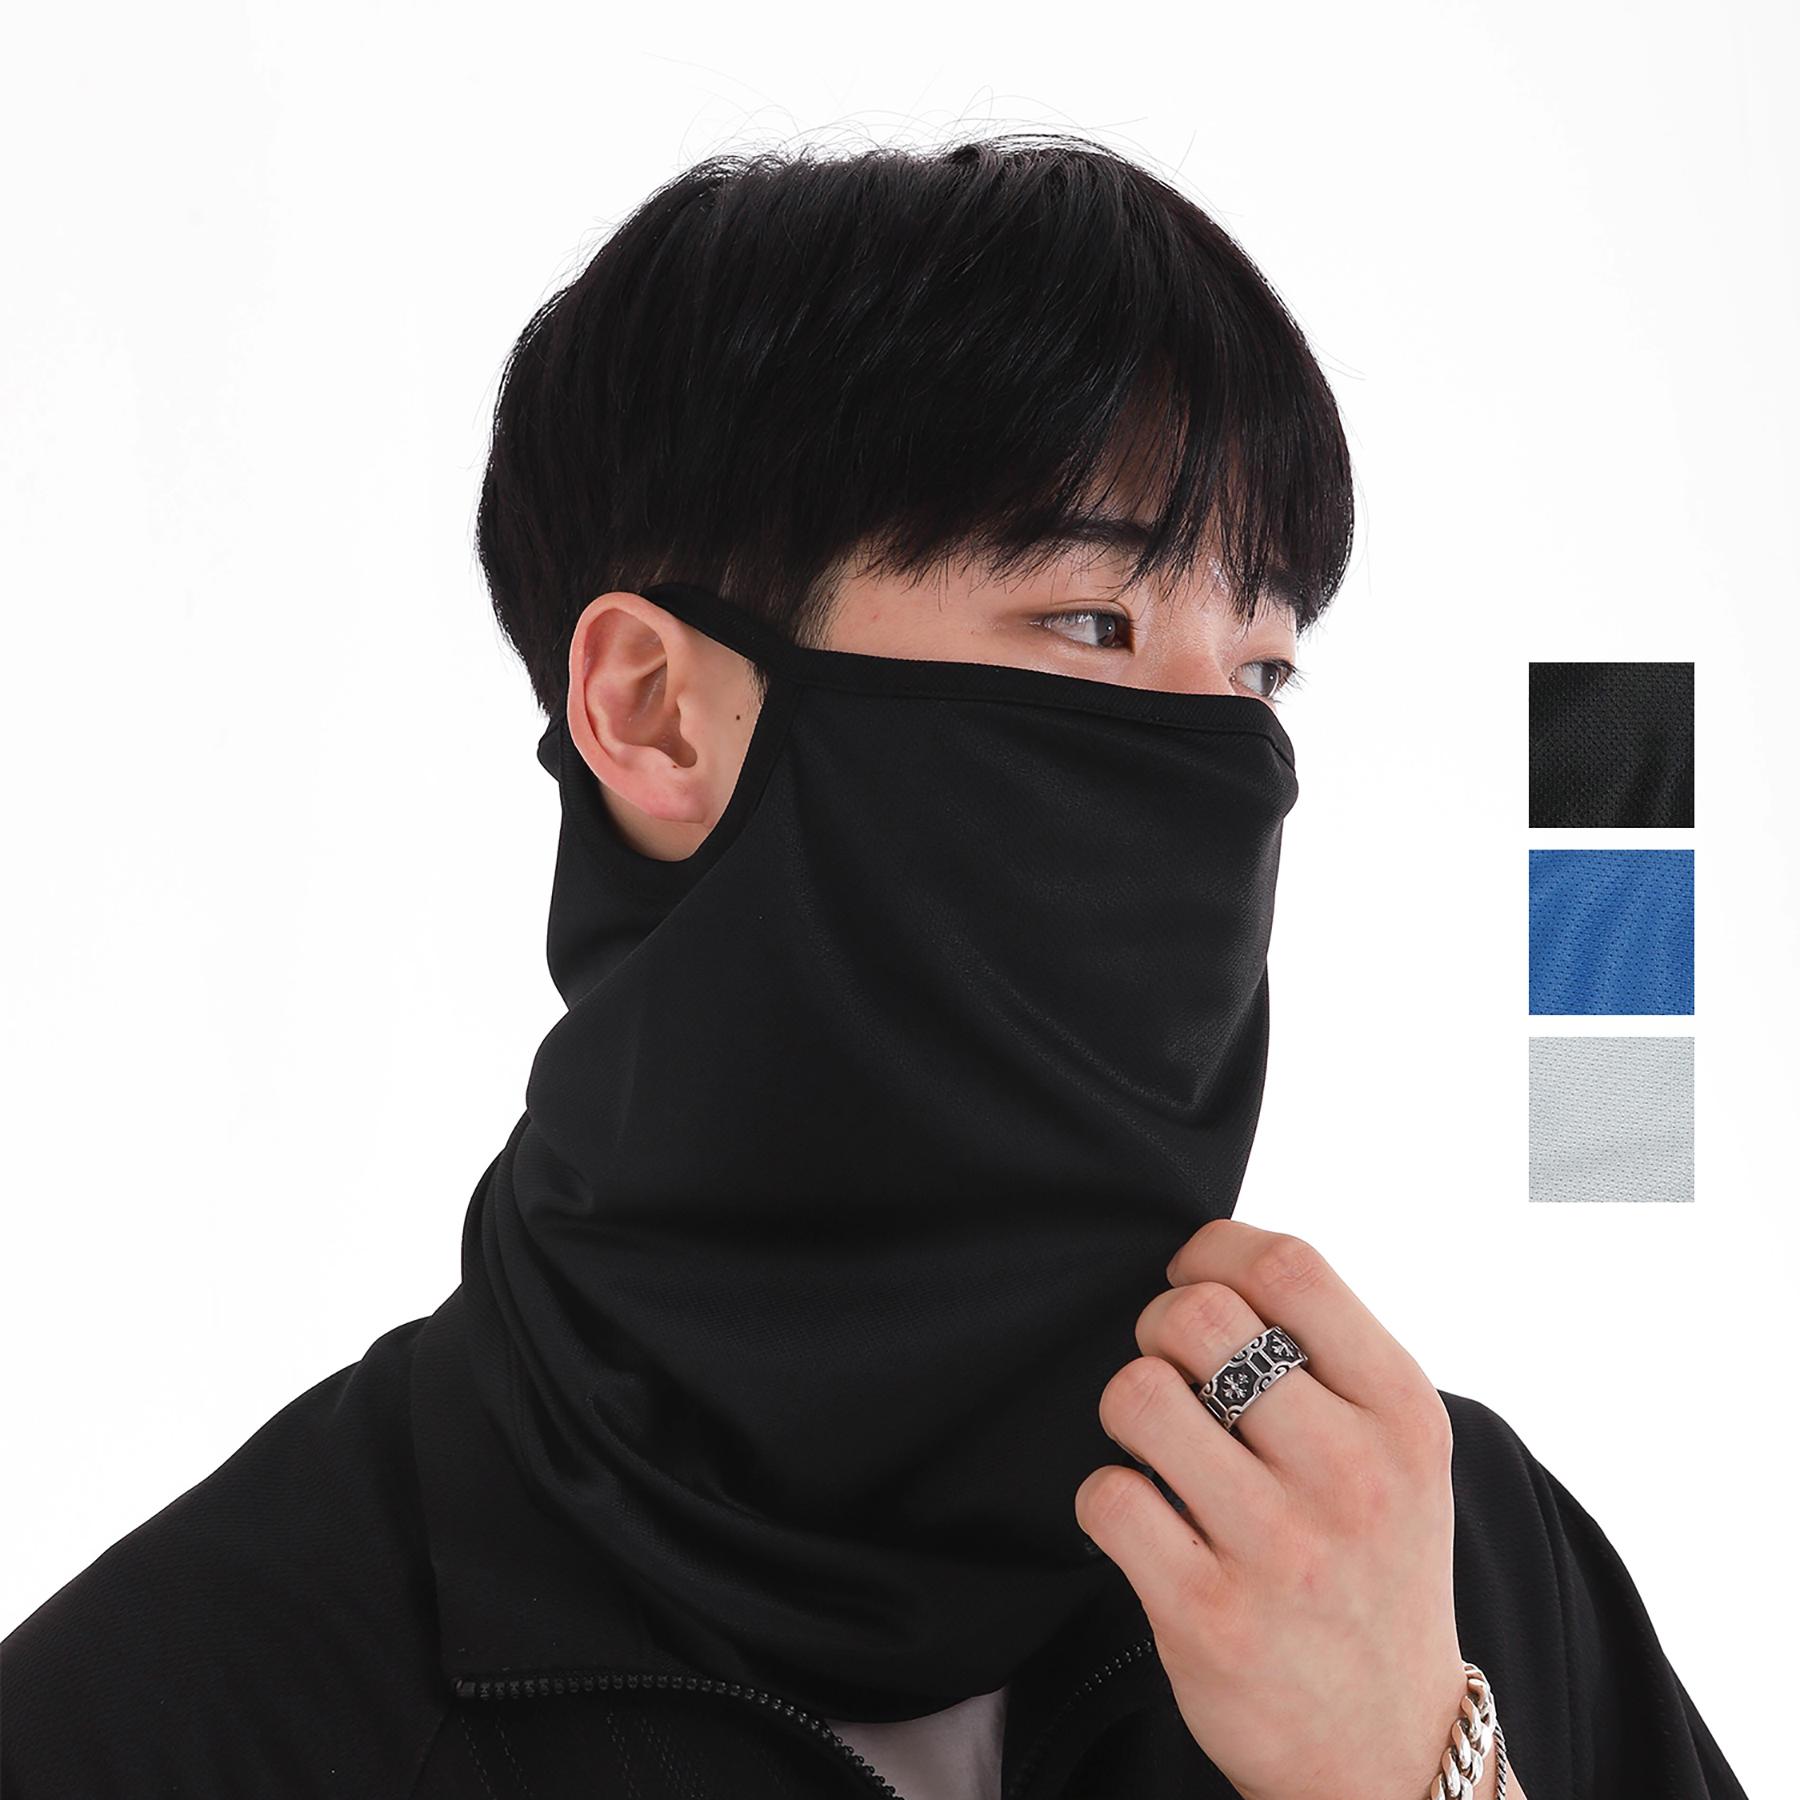 스포츠 페이스&넥 가드 발라클라바(여름용/사계절용)